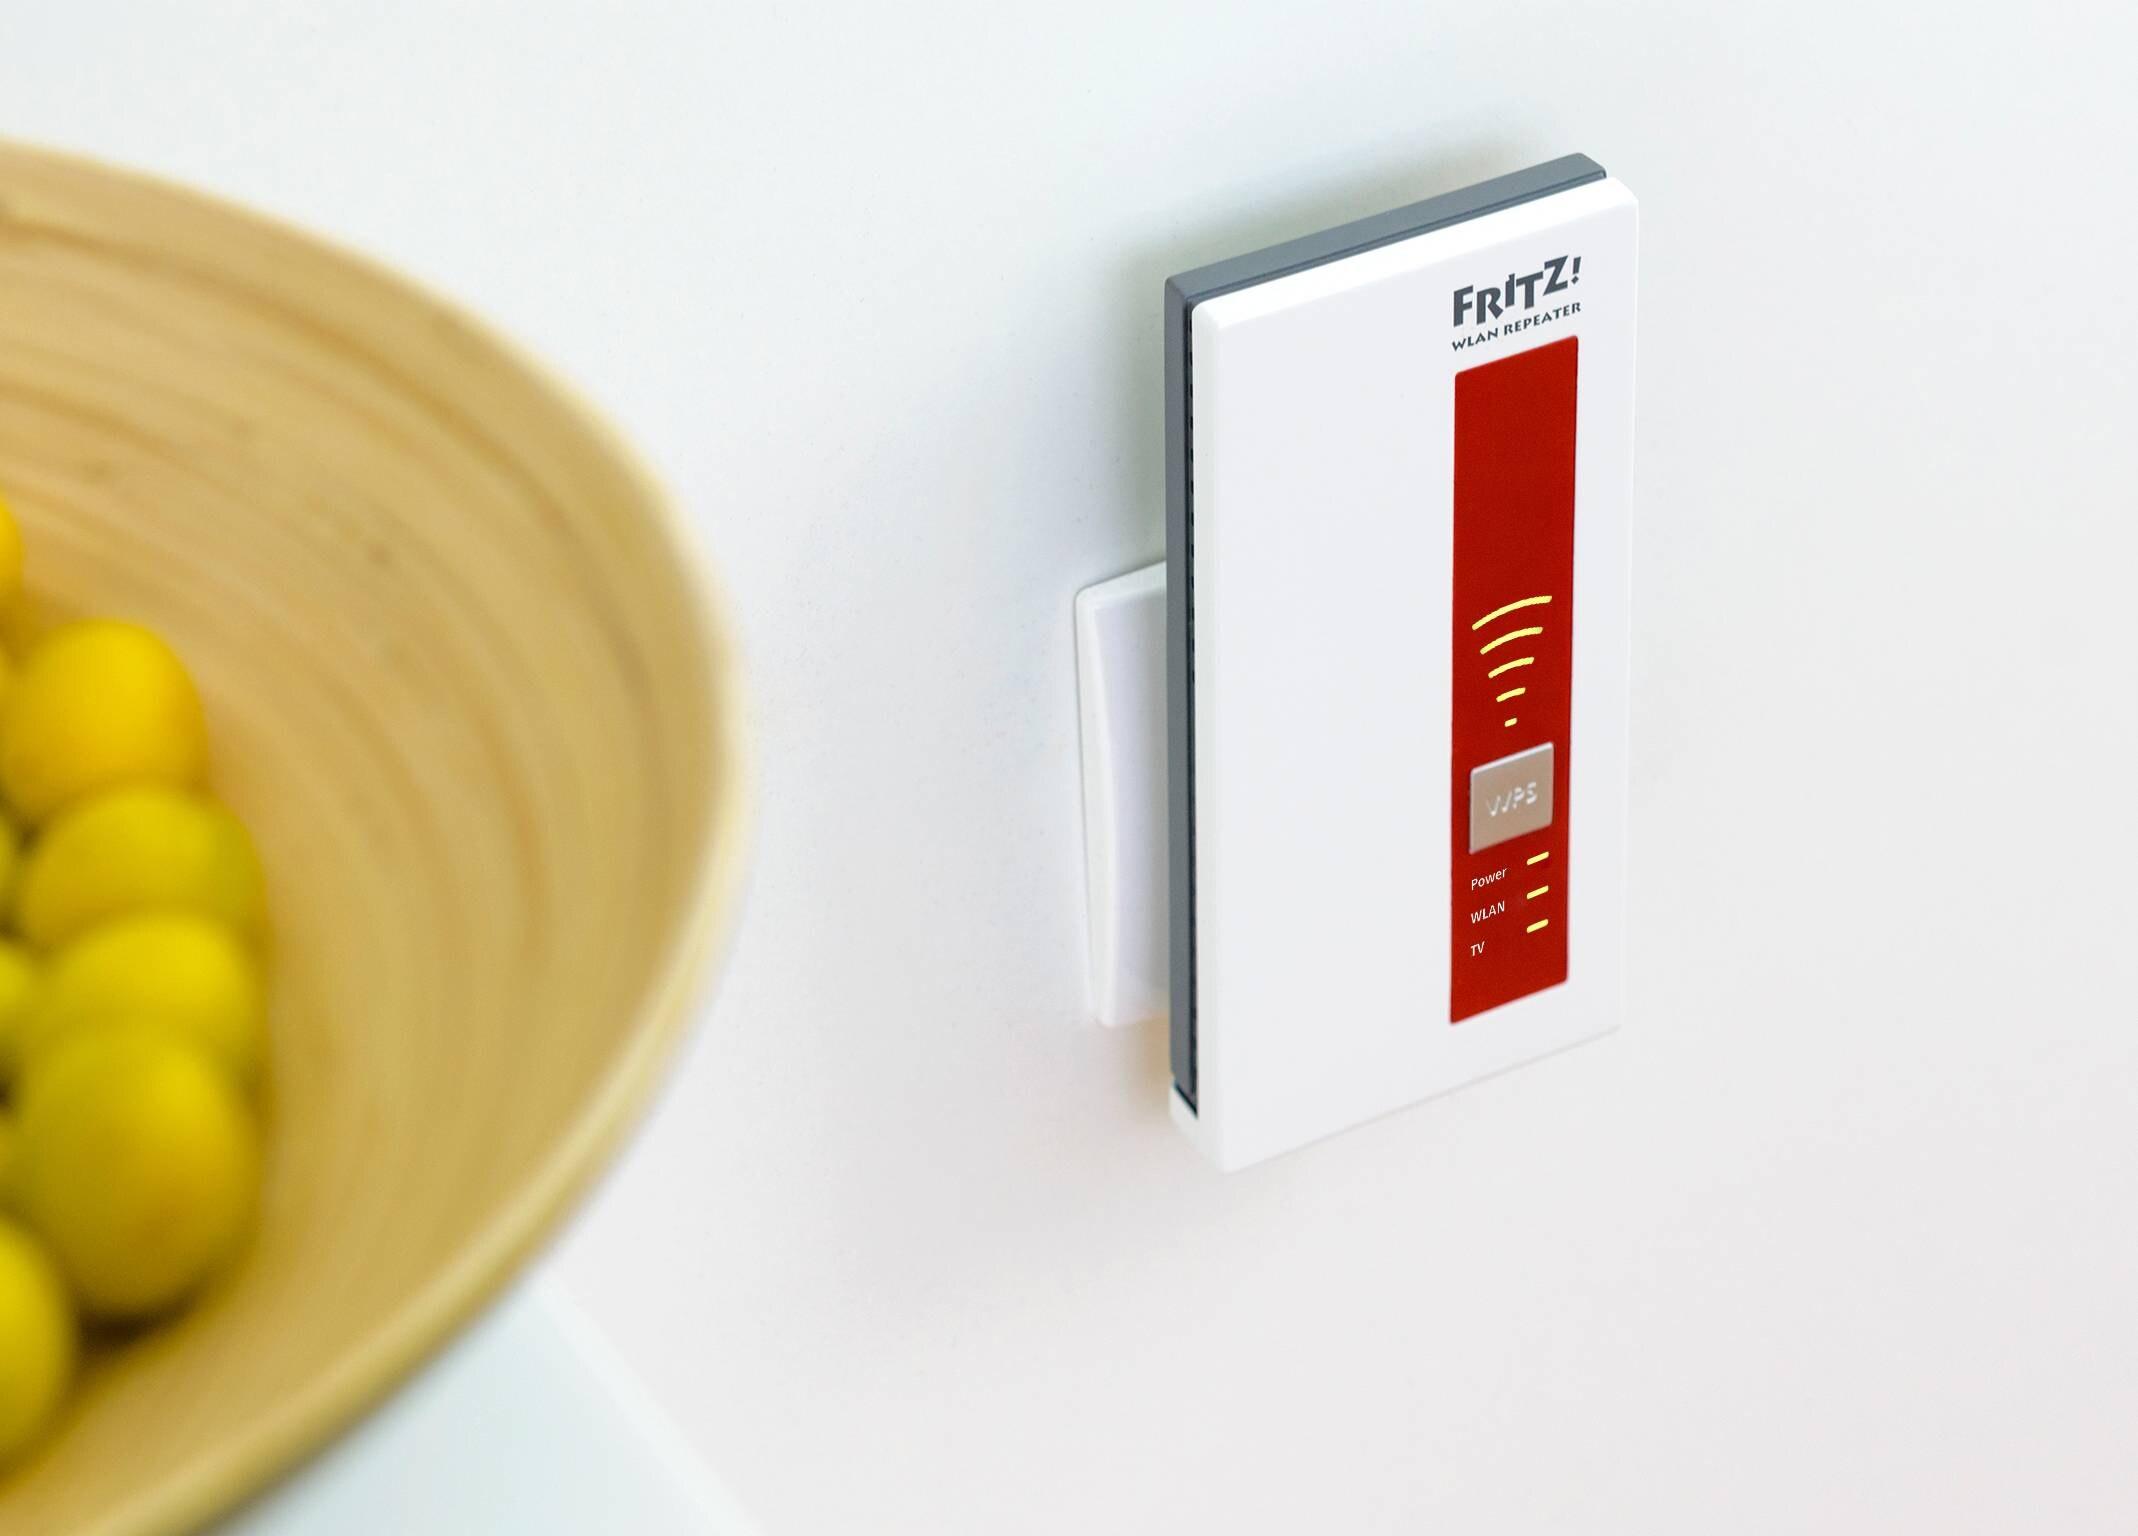 wlan schneller machen mit diesem ger t klappt 39 s techbook. Black Bedroom Furniture Sets. Home Design Ideas